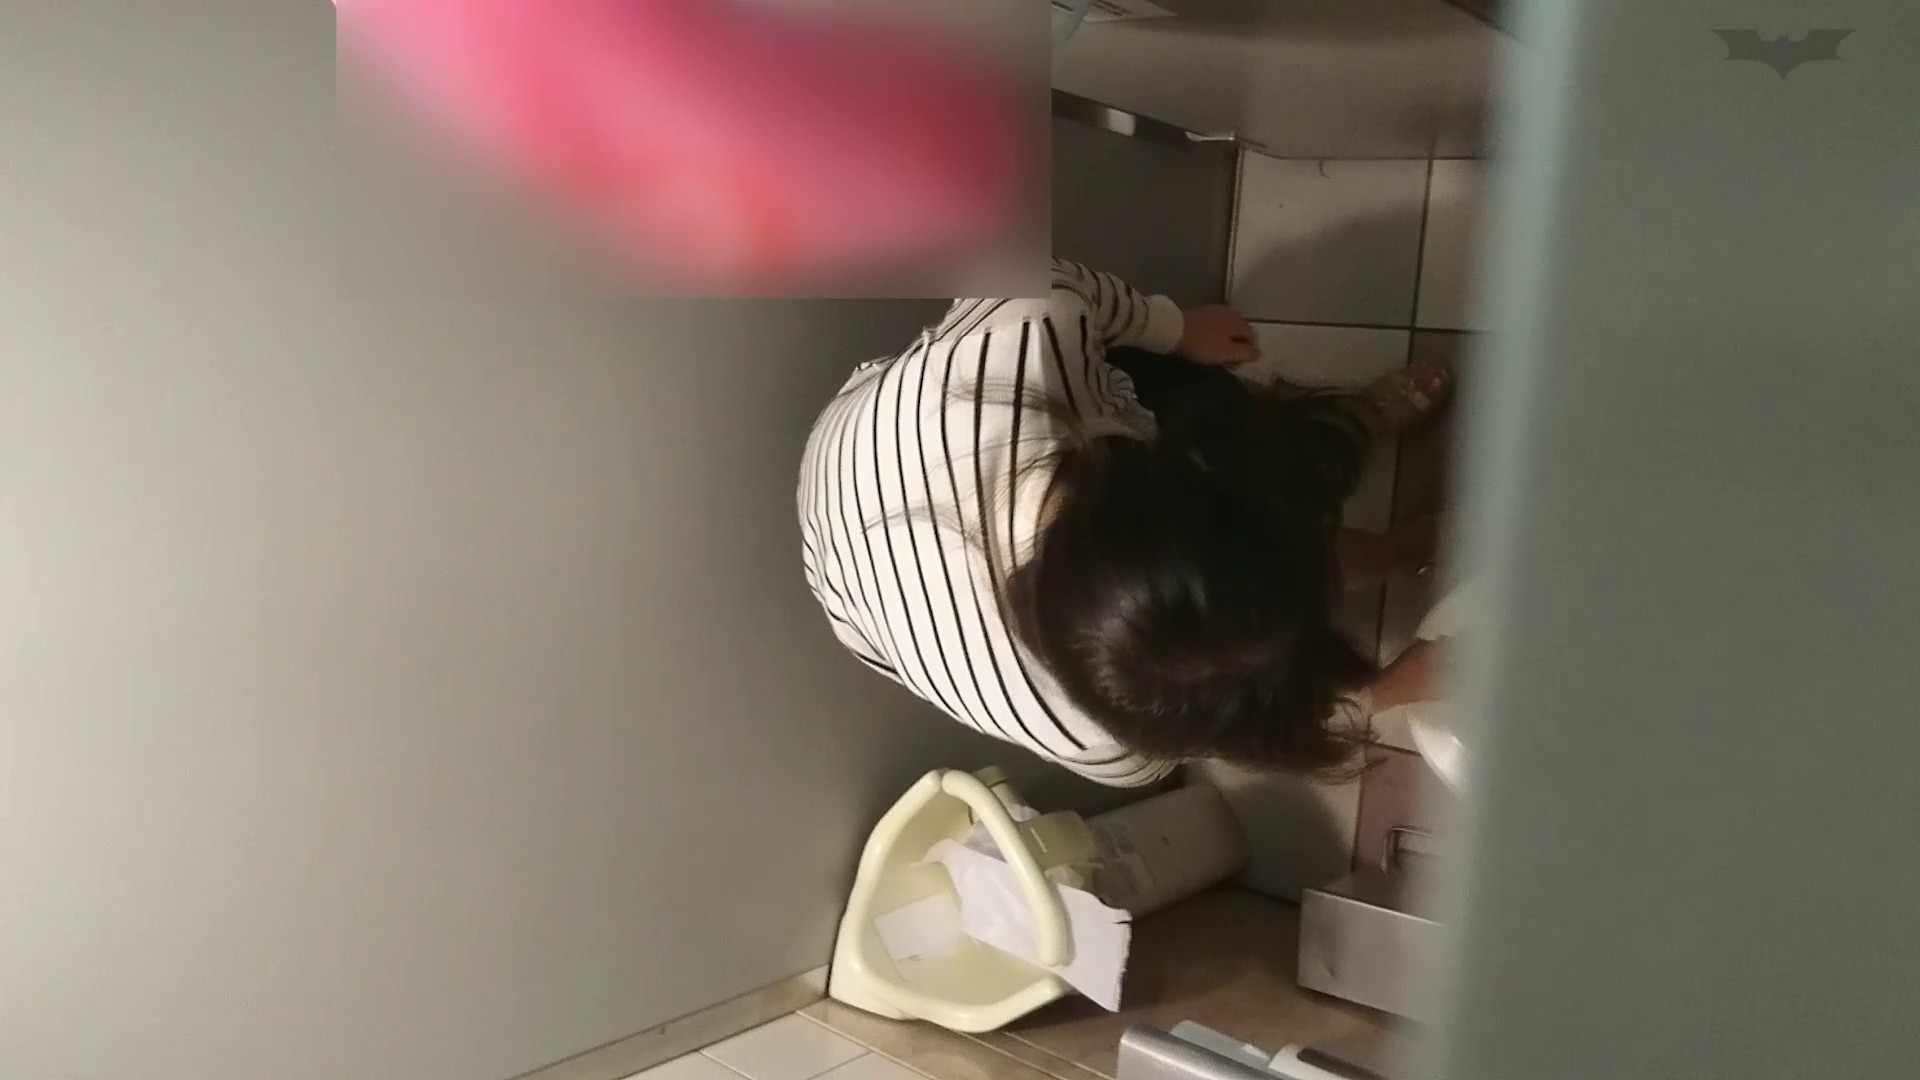 化粧室絵巻 ショッピングモール編 VOL.24 高評価 ぱこり動画紹介 90画像 43